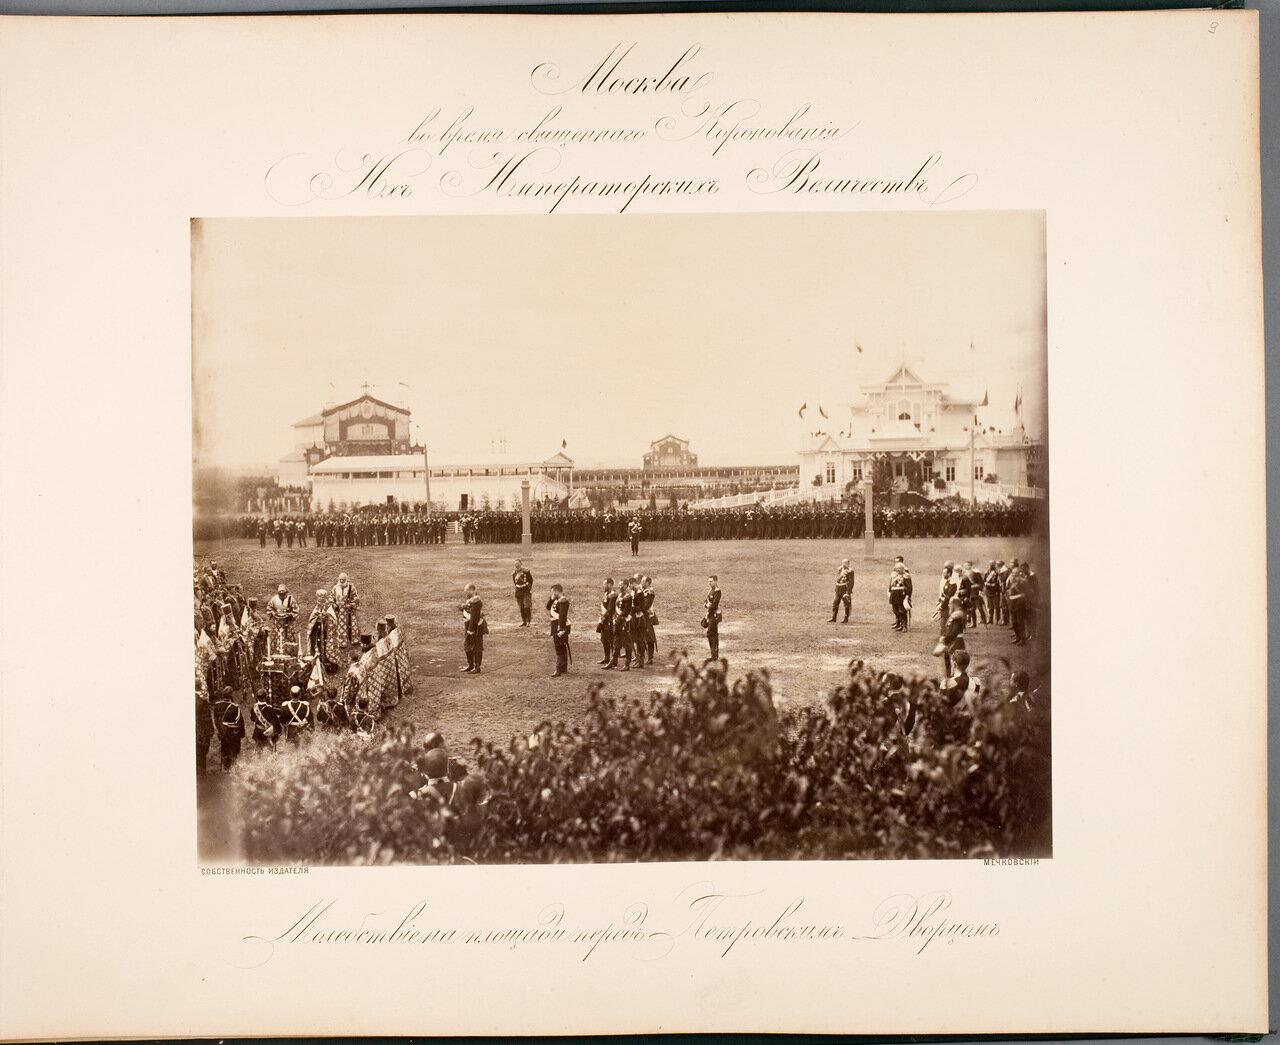 翻开尘封的历史辉煌:1883年5月 亚历山大三世加冕